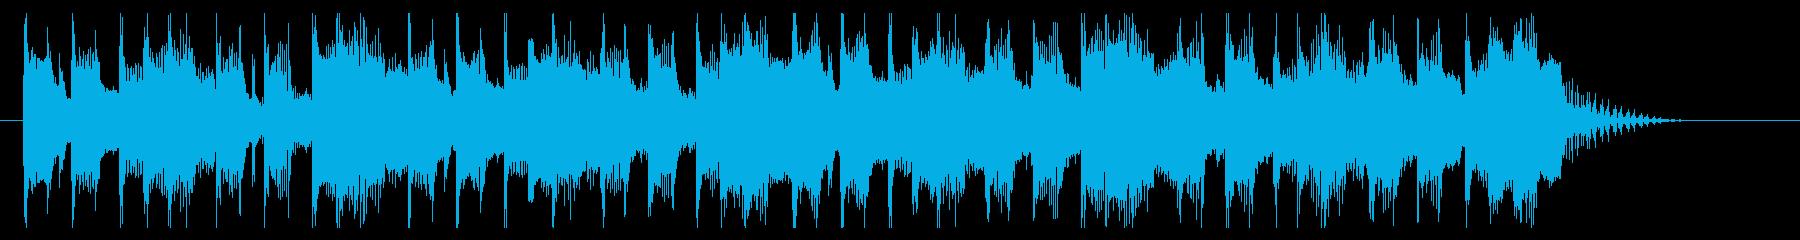 コミカルでクイズのシンキングタイム的な曲の再生済みの波形